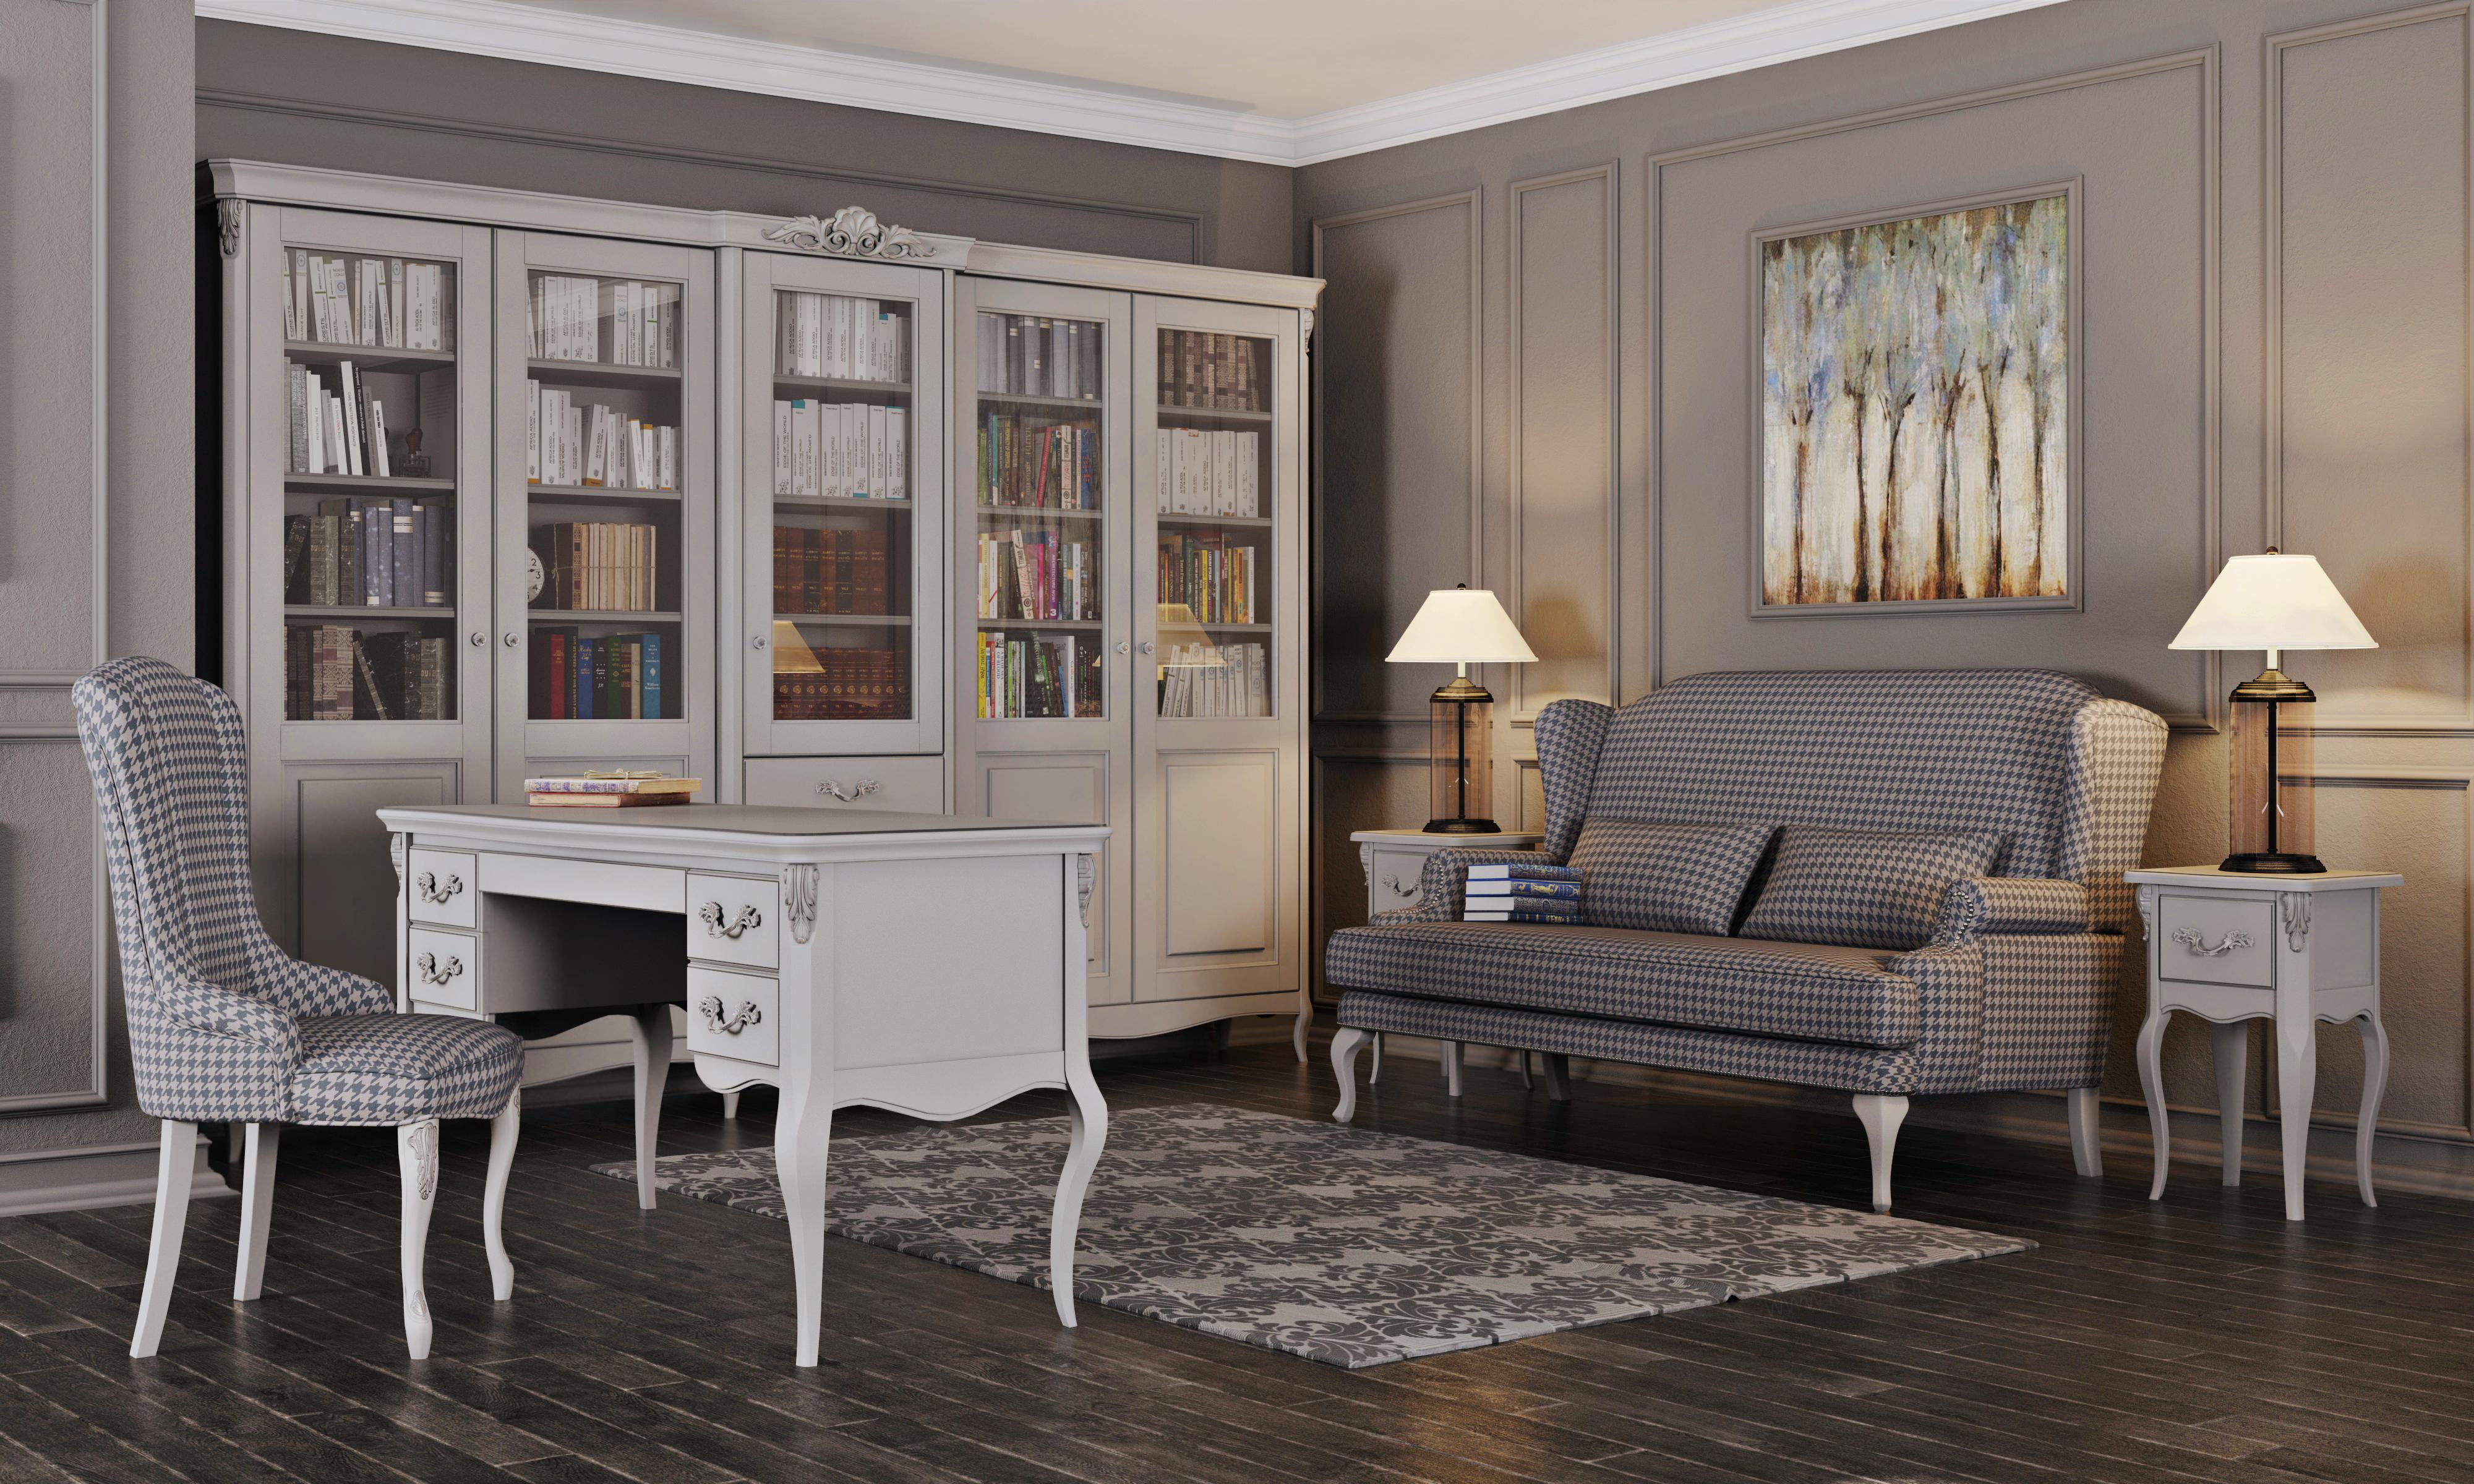 KREIND классическая мебель купить выгодно